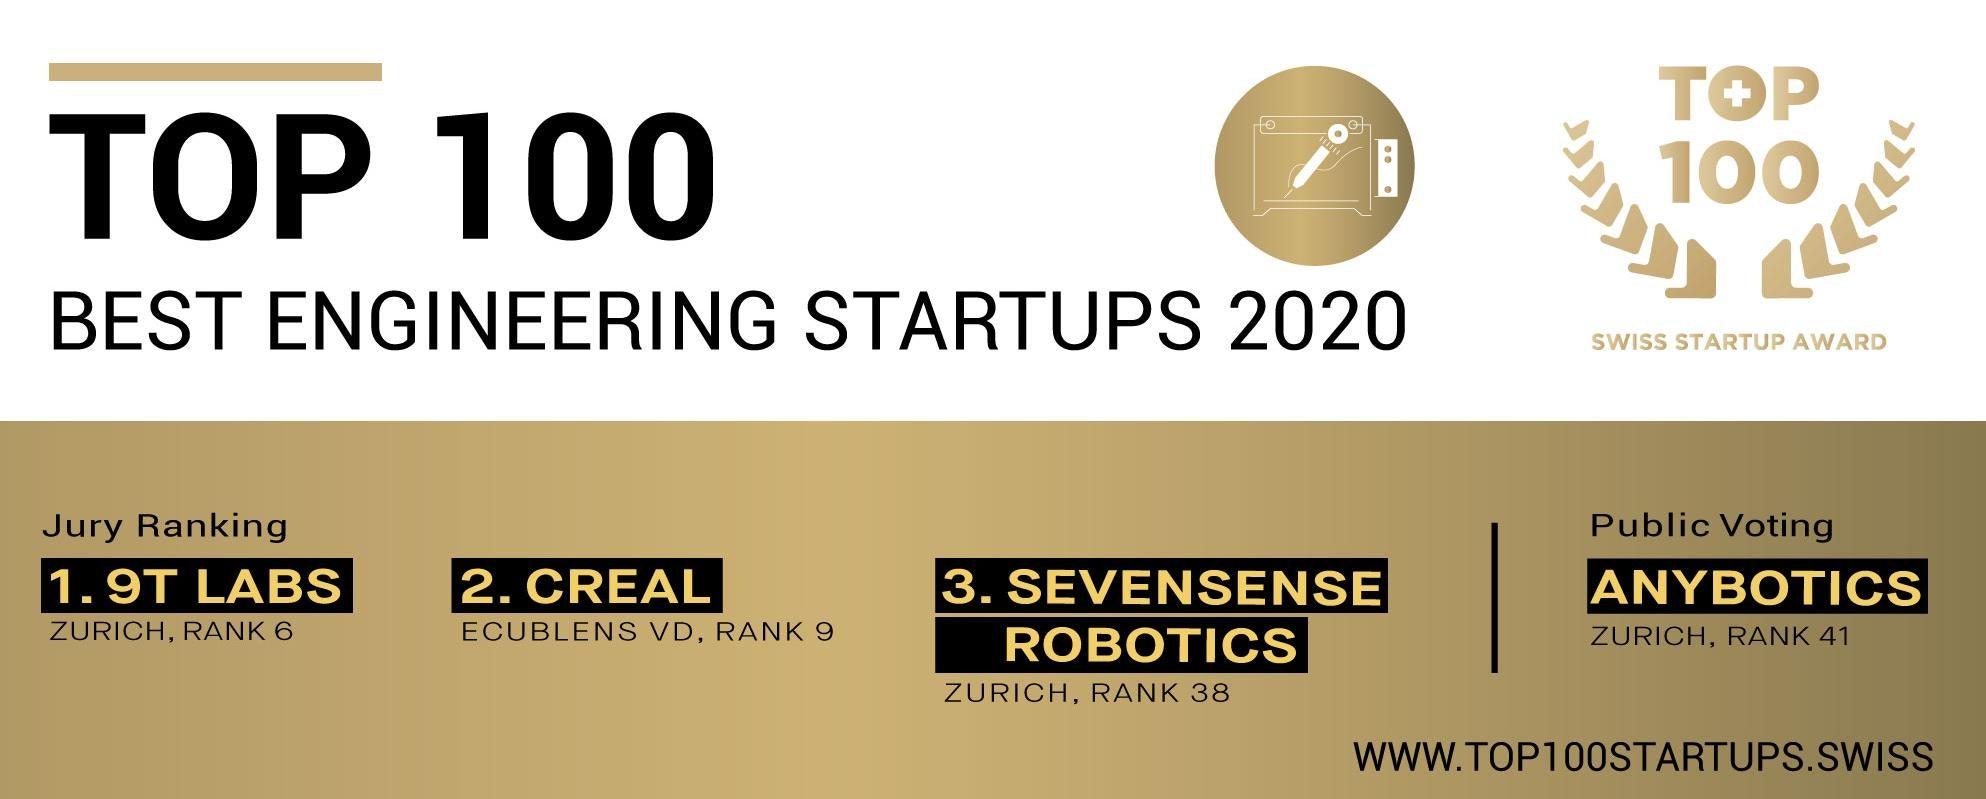 Switzerland's TOP engineering startups 2020